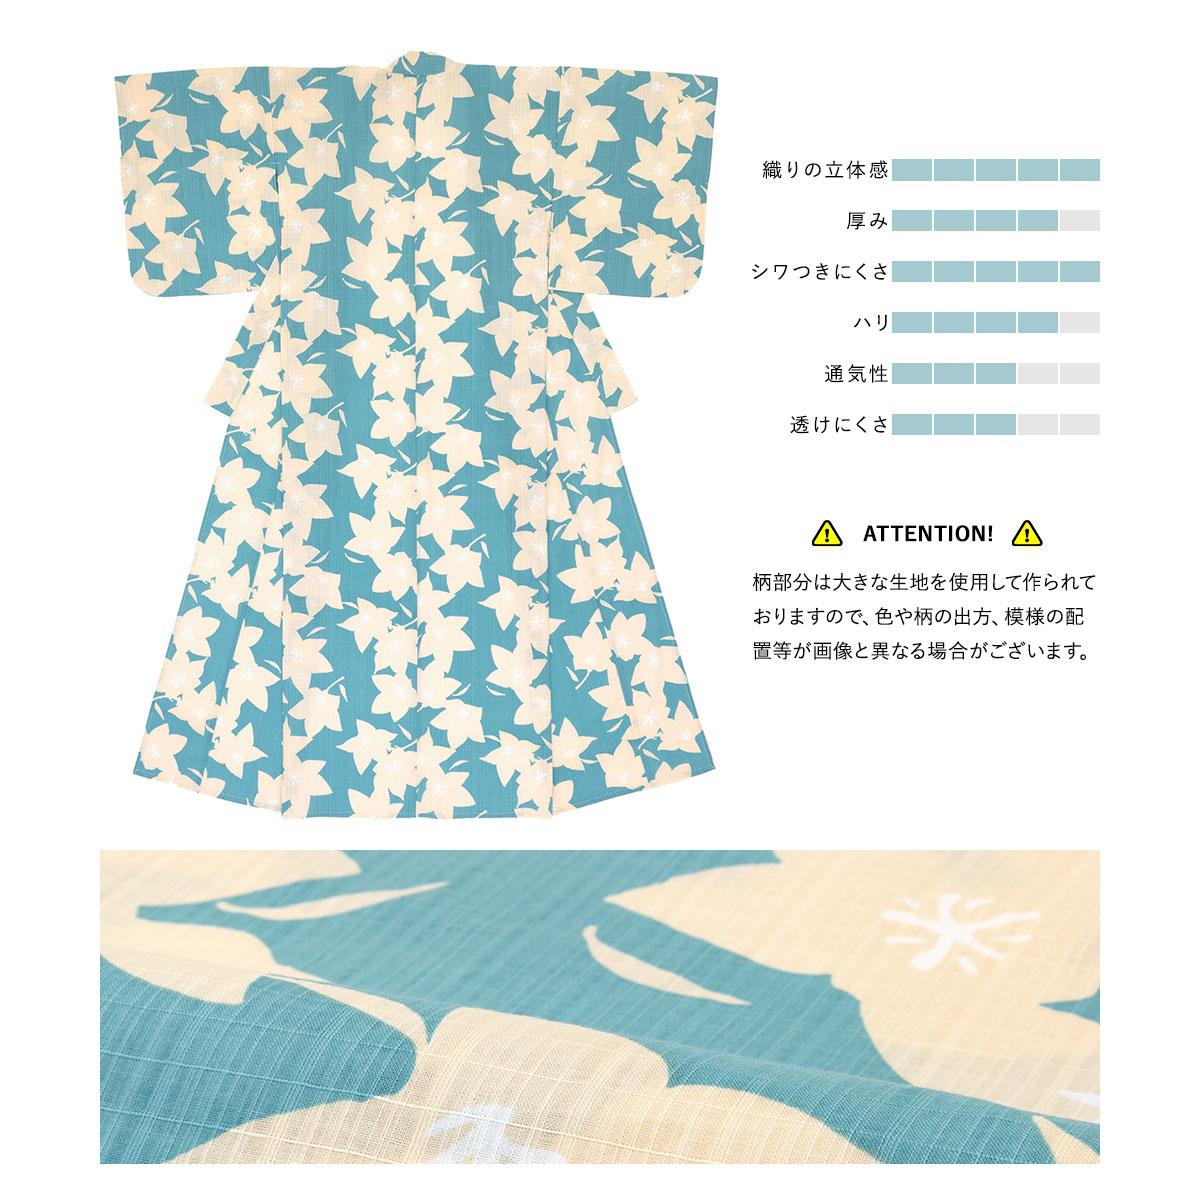 夏におすすめなレディース浴衣